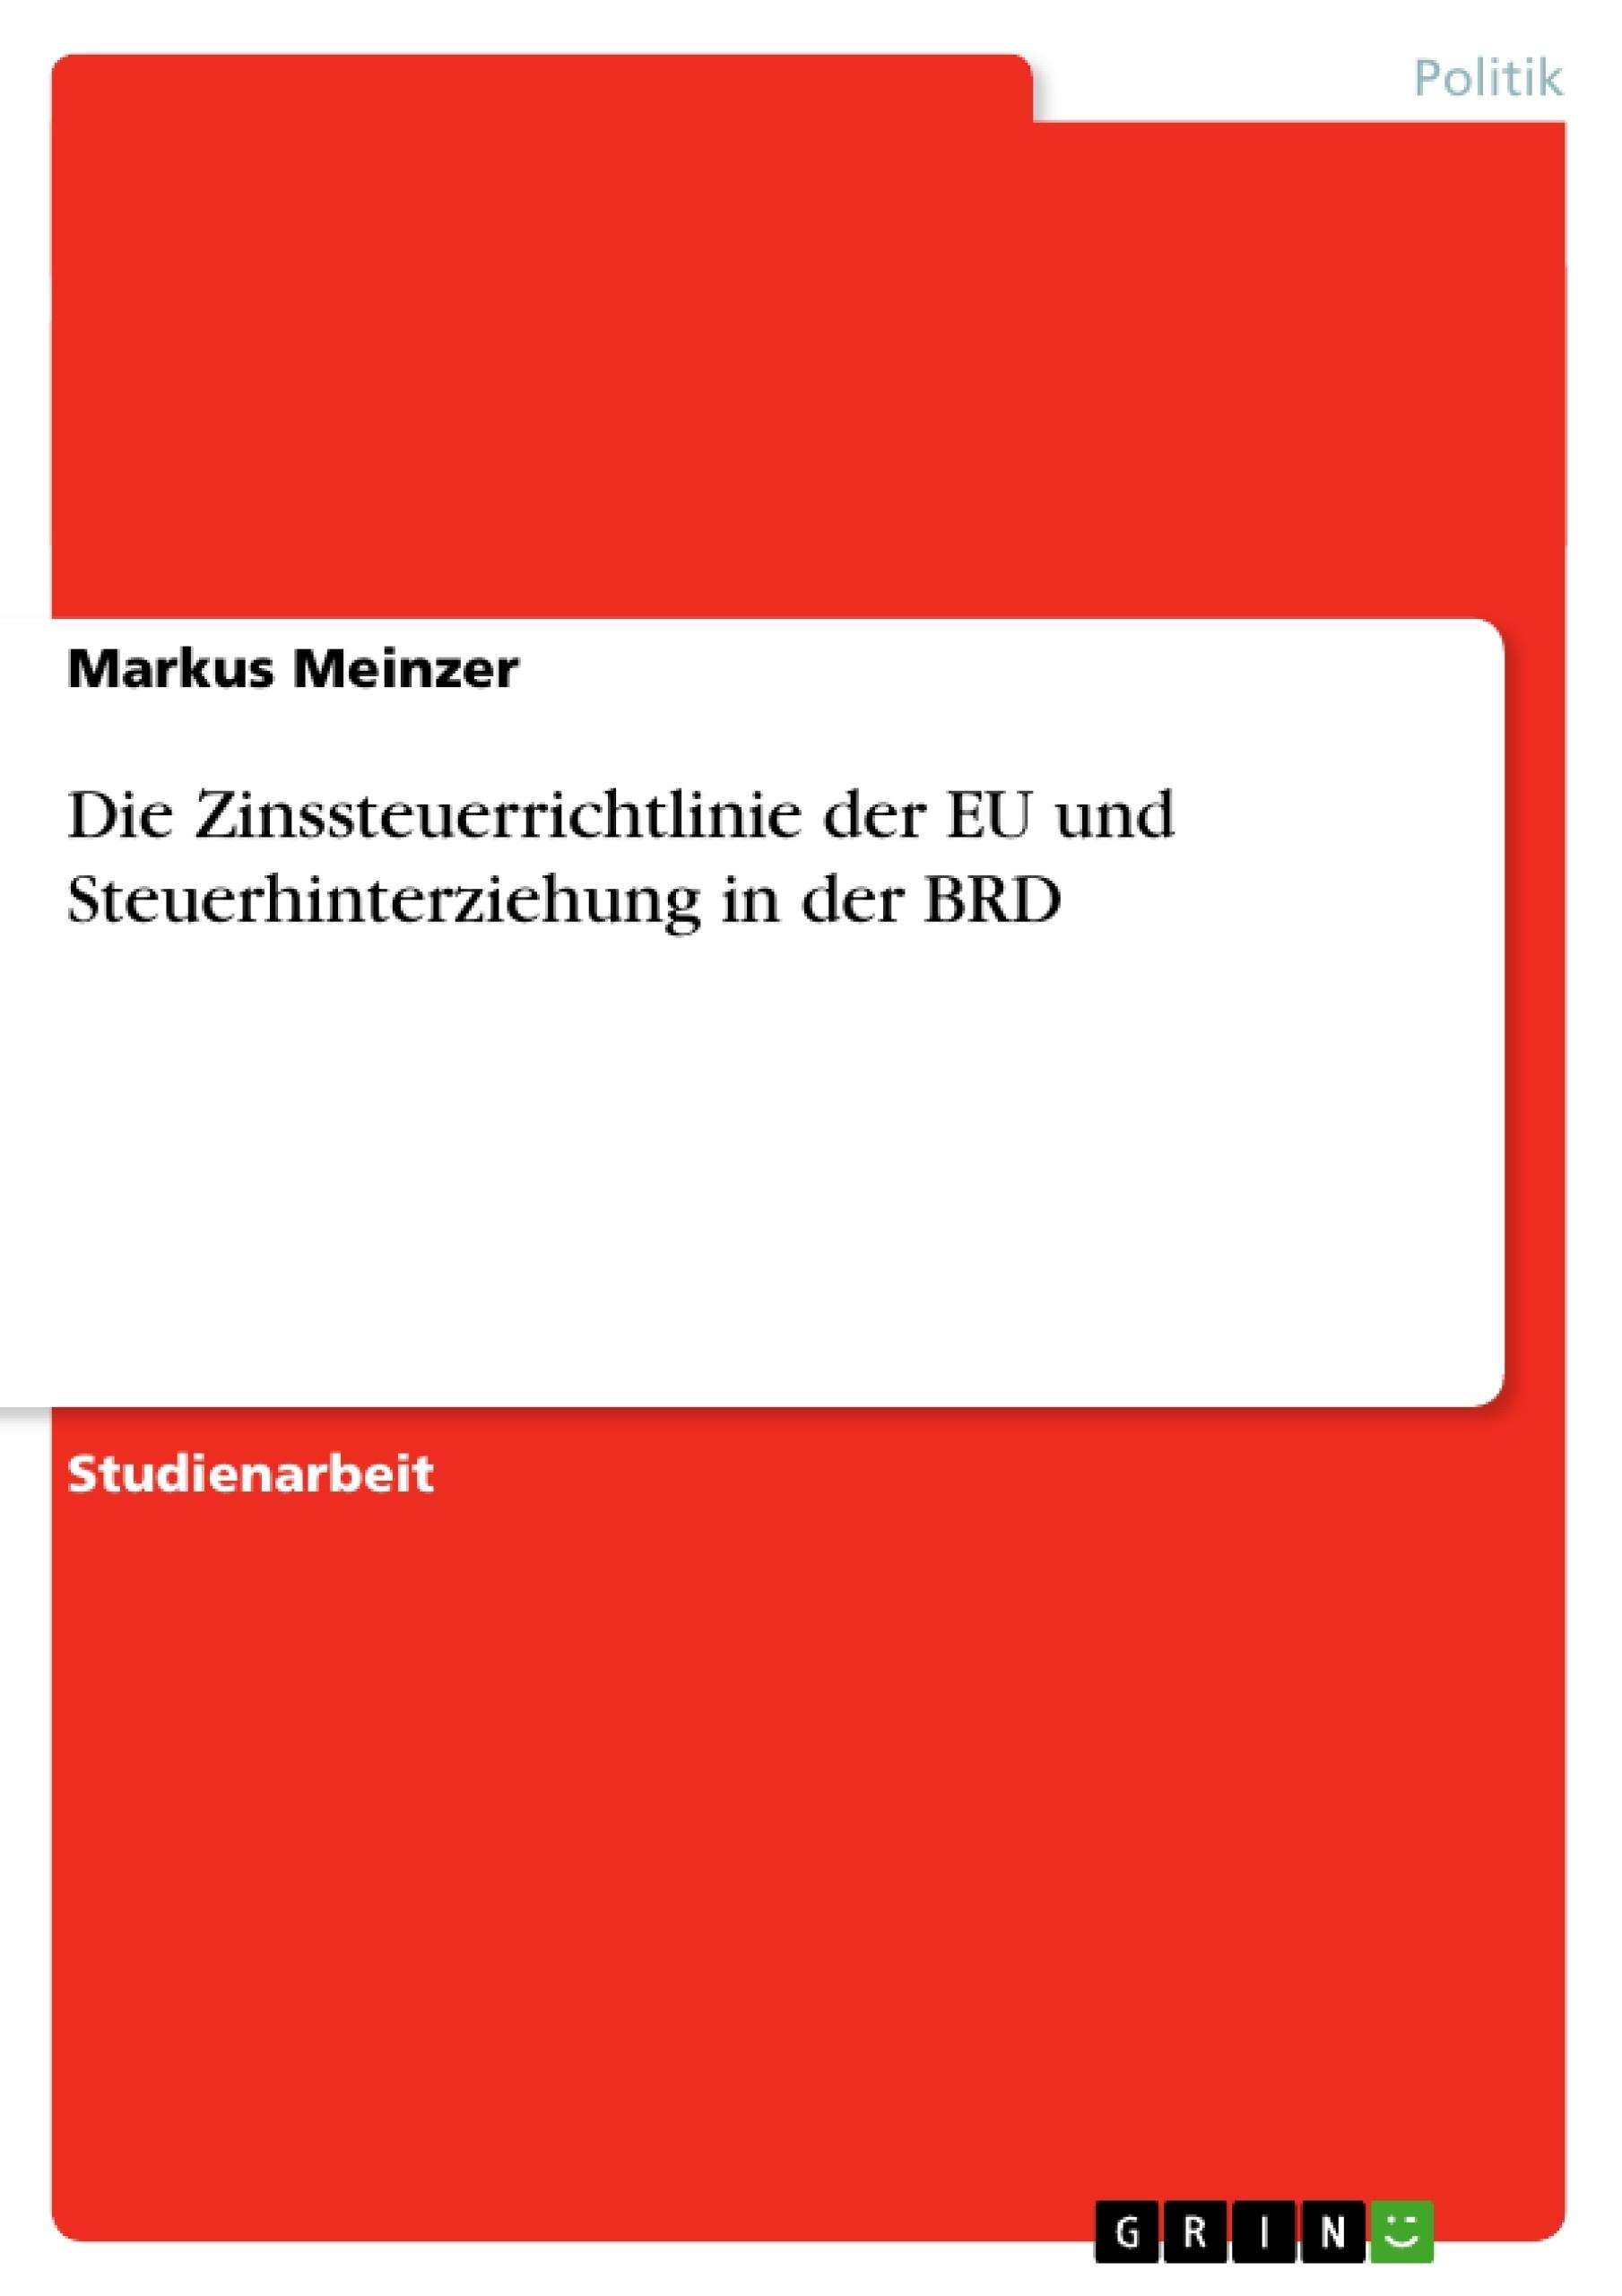 Titel: Die Zinssteuerrichtlinie der EU und Steuerhinterziehung in der BRD